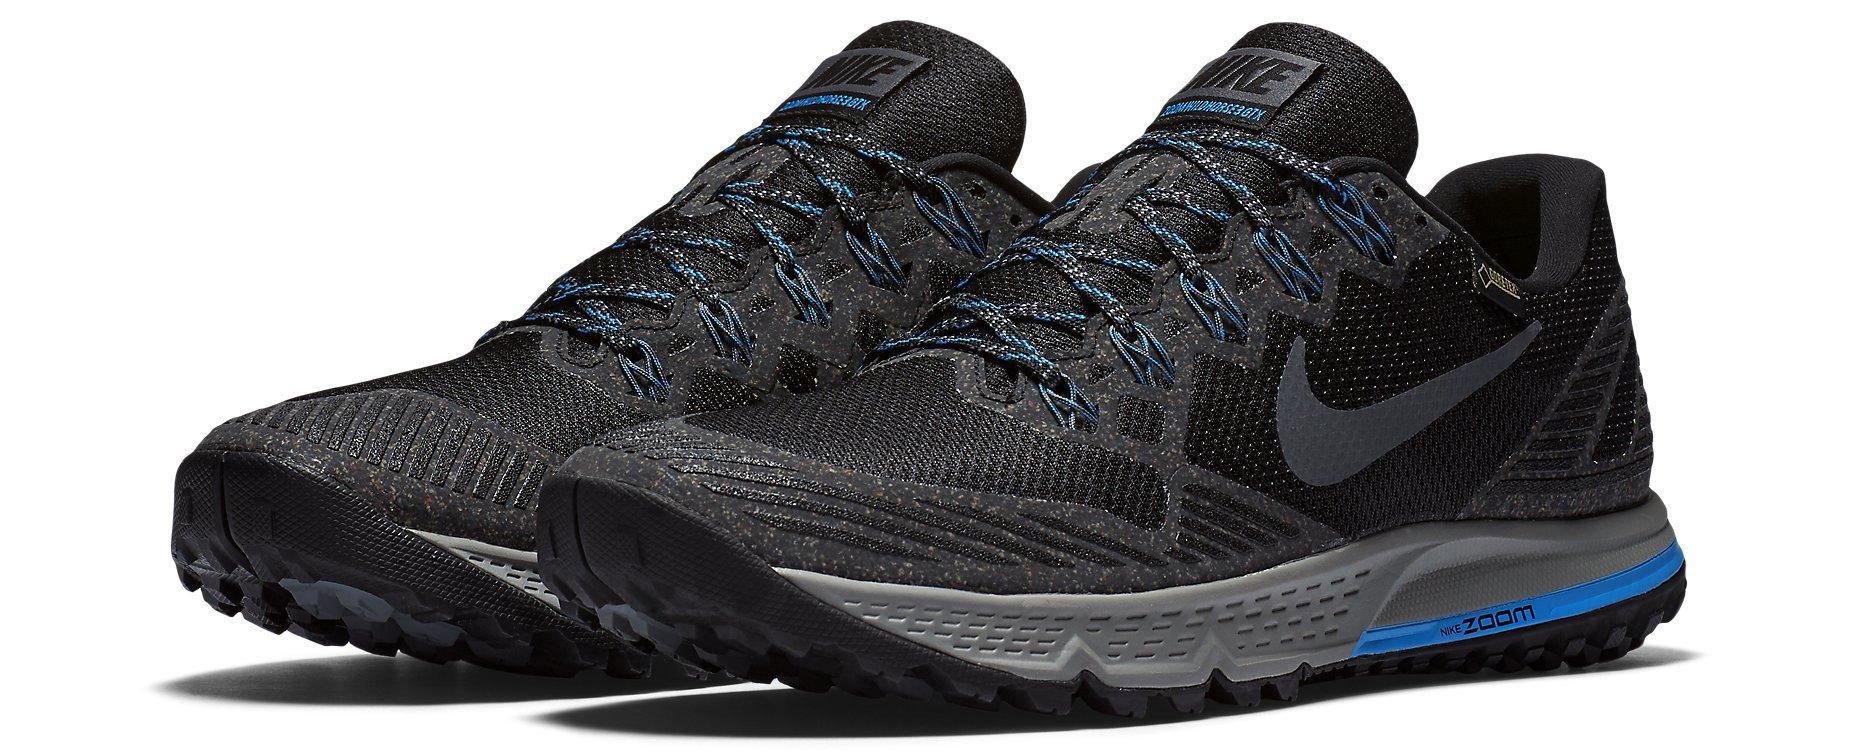 Zapatillas para trail Nike AIR ZOOM WILDHORSE 3 GTX